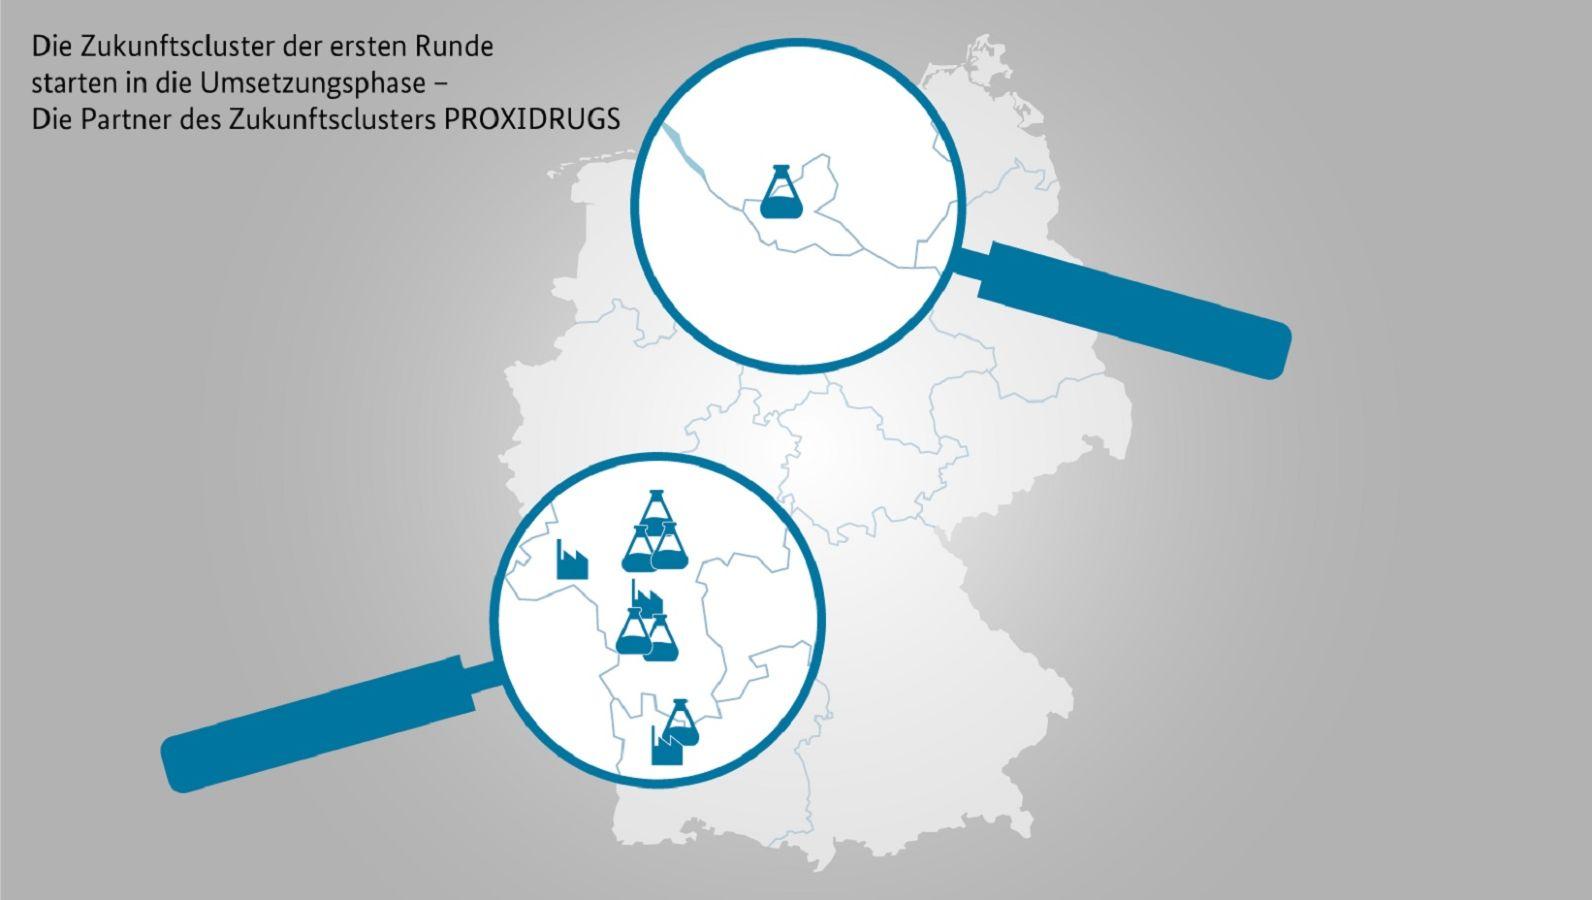 Start in die Umsetzungsphase: Deutschandkarte mit den Standorten der Partner des Zukunftsclusters PROXIDRUGS (©Projektträger Jülich, Forschungszentrum)